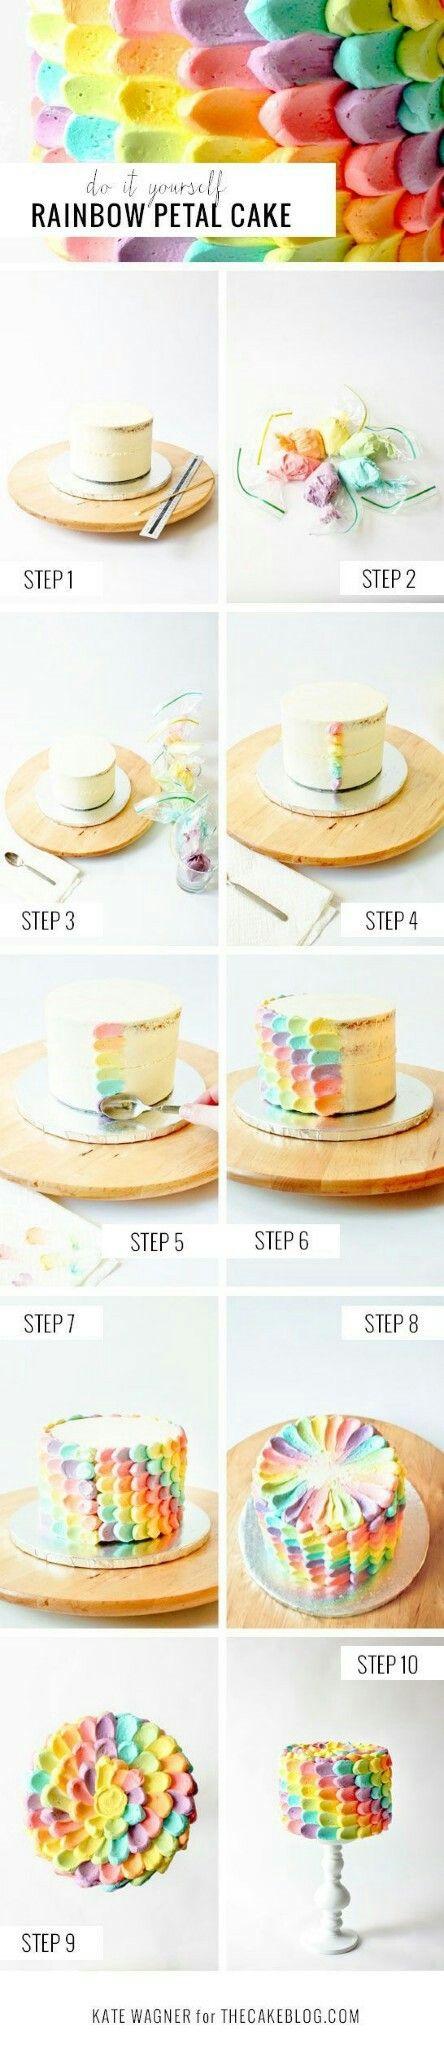 Petal cake, Rainbow petal cake and Rainbows on Pinterest